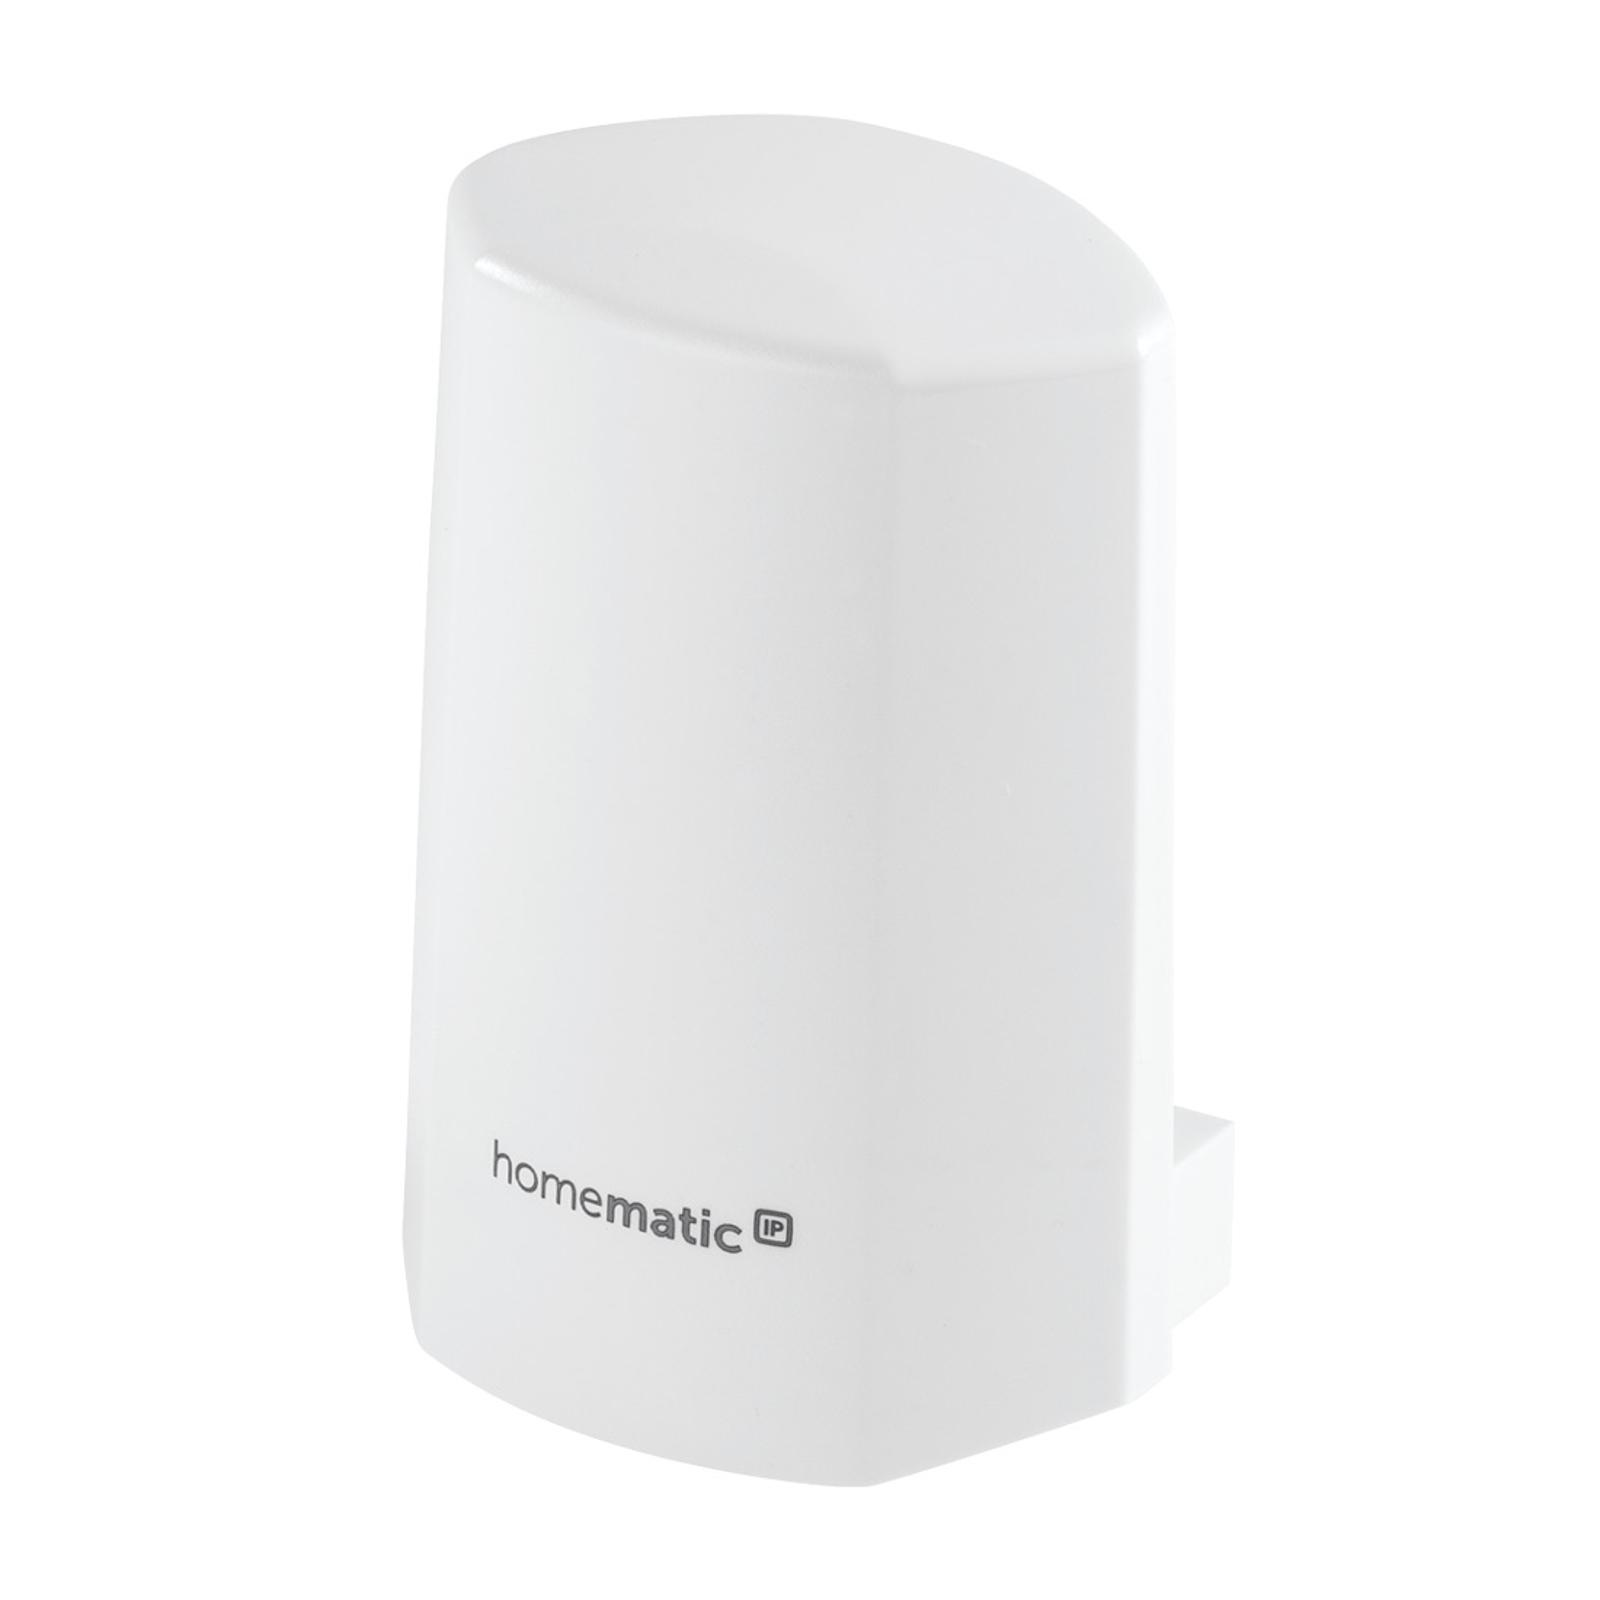 Homematic IP capteur temp./humidité ext. blanc